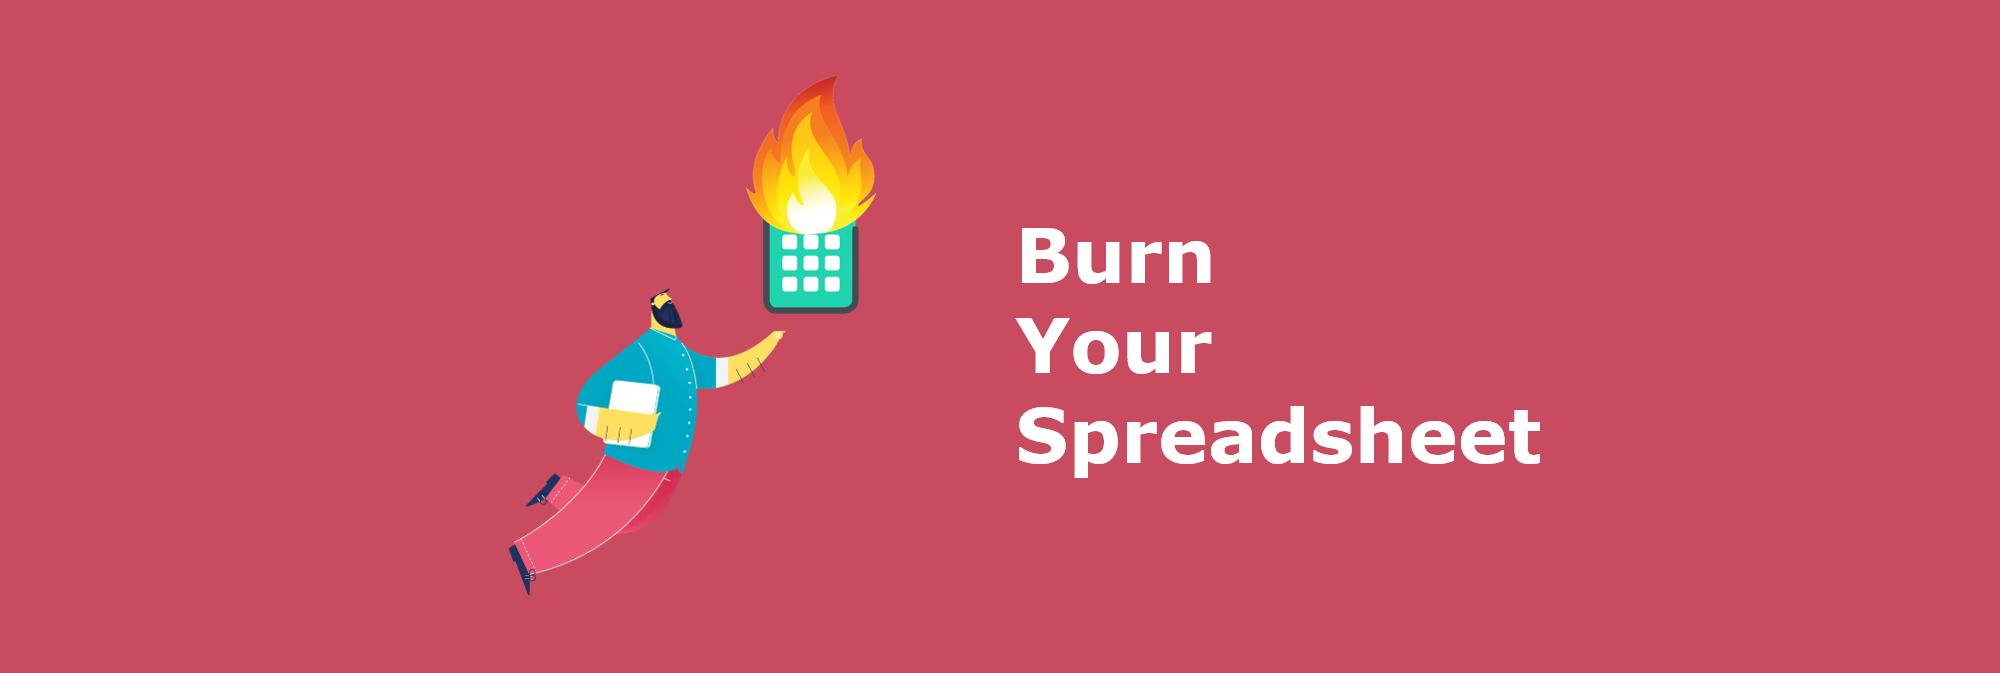 burn your spreadsheet - zendoc